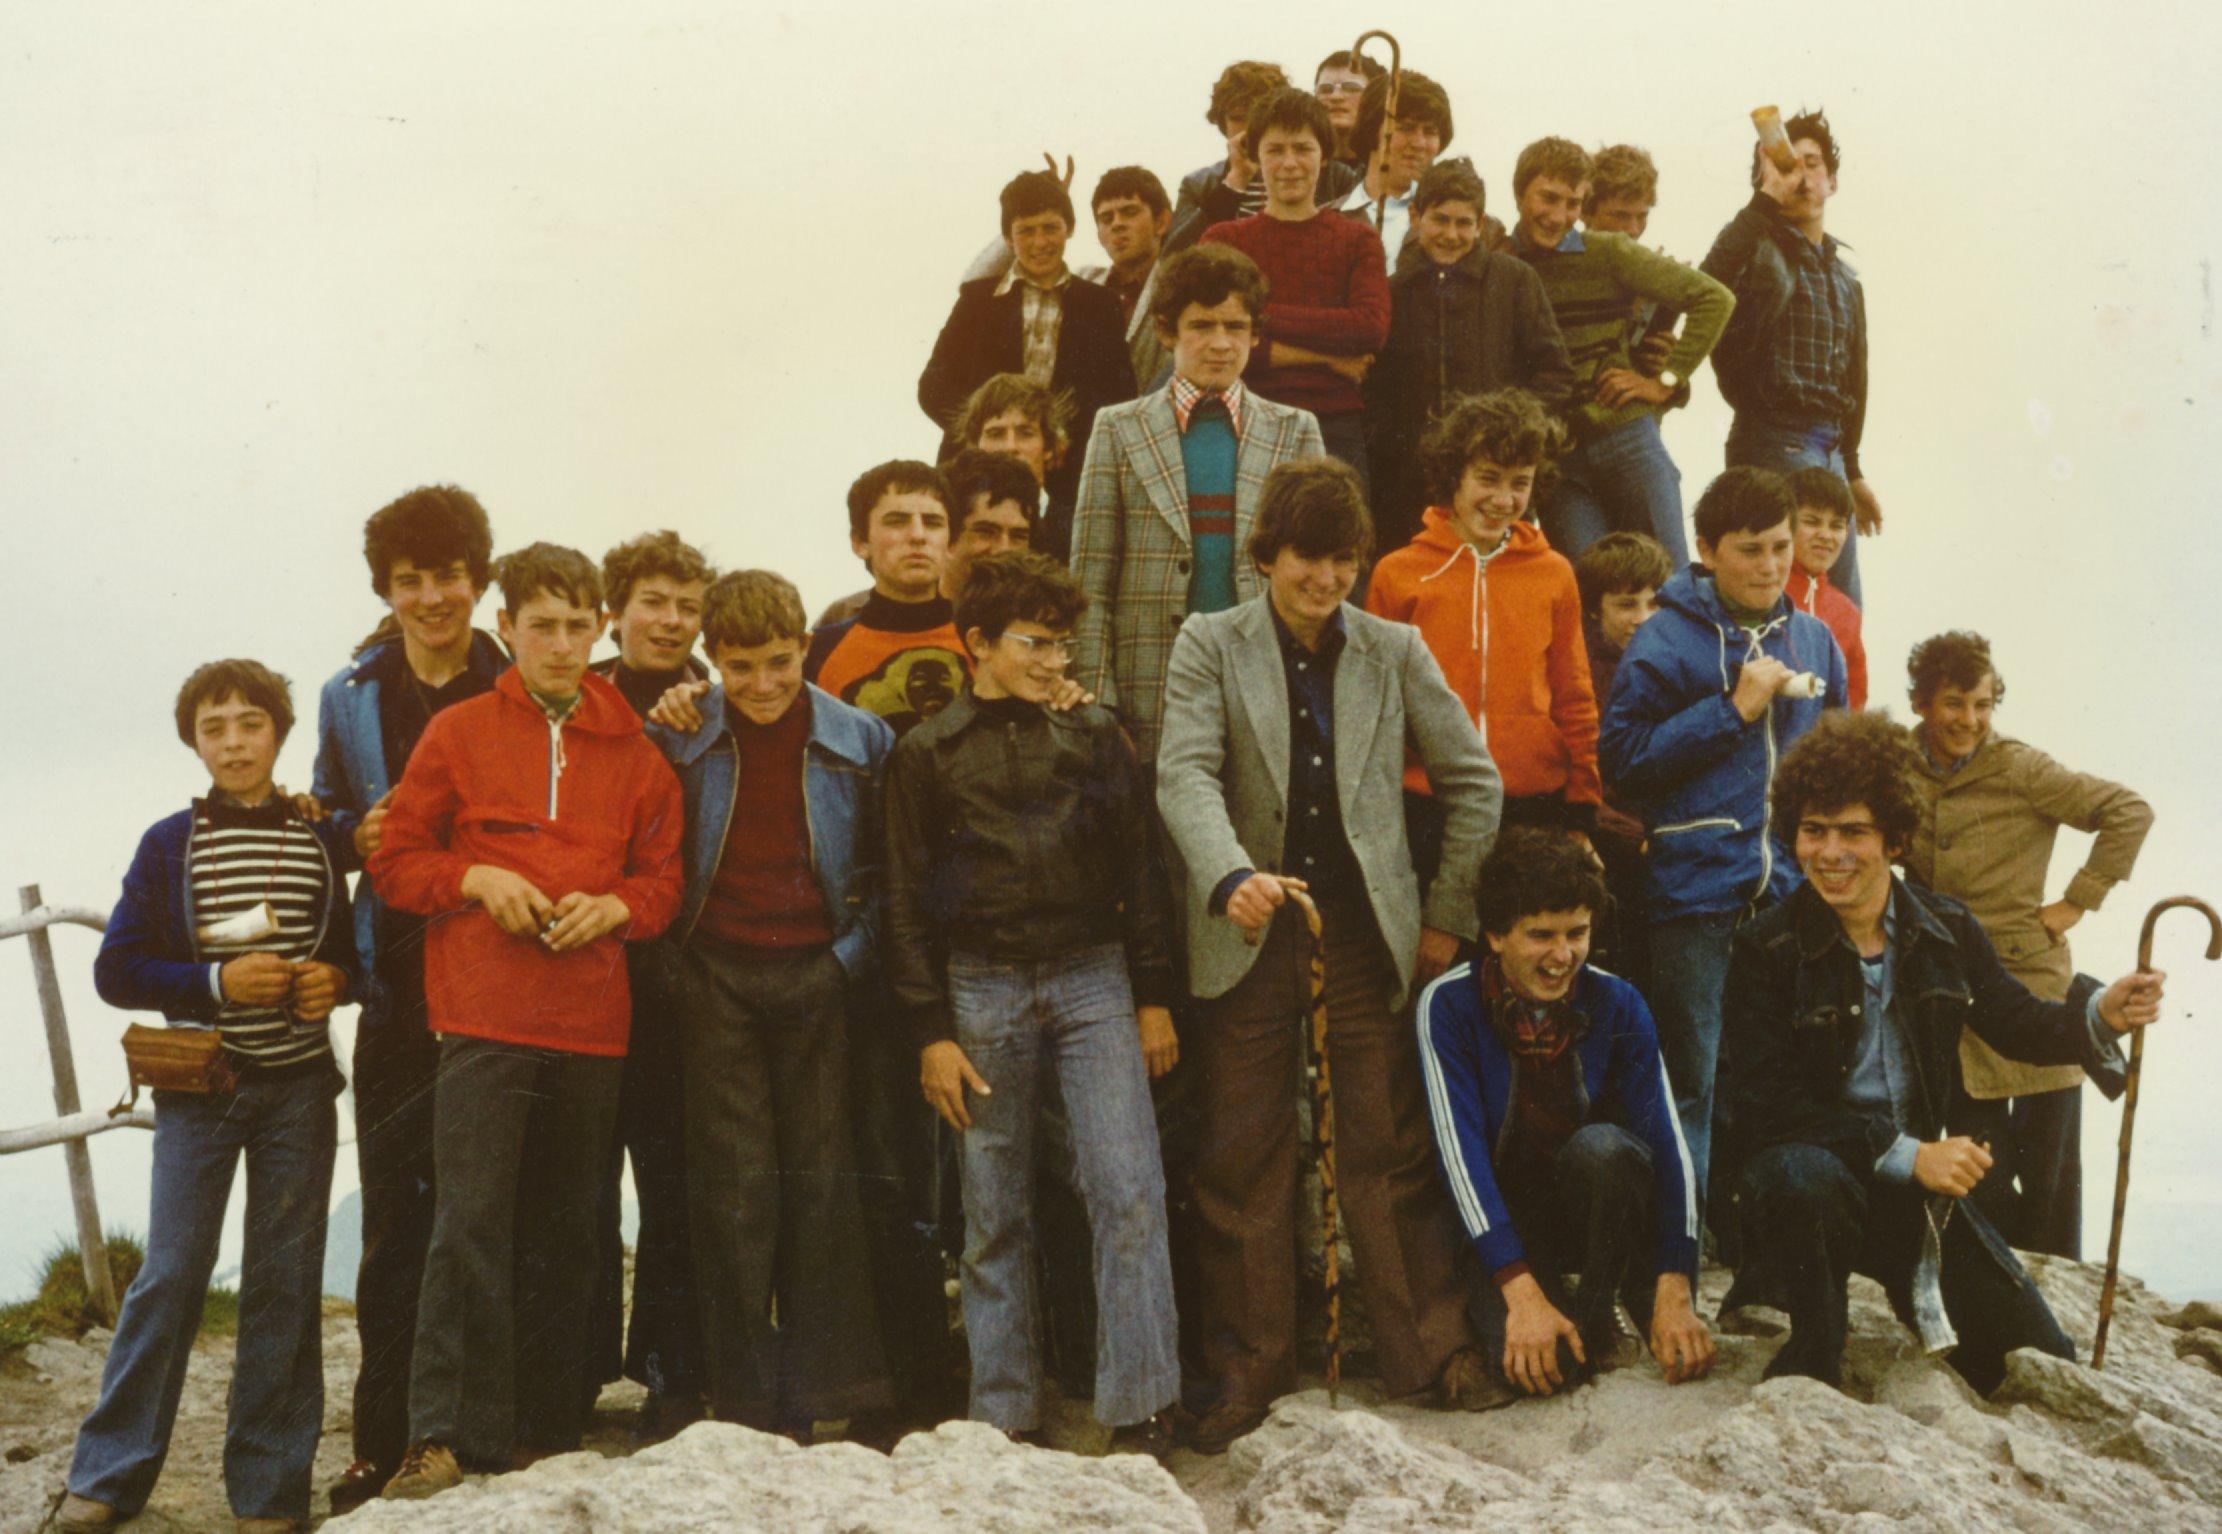 Archives anciens élèves mfr puy-sec 1978 (2)